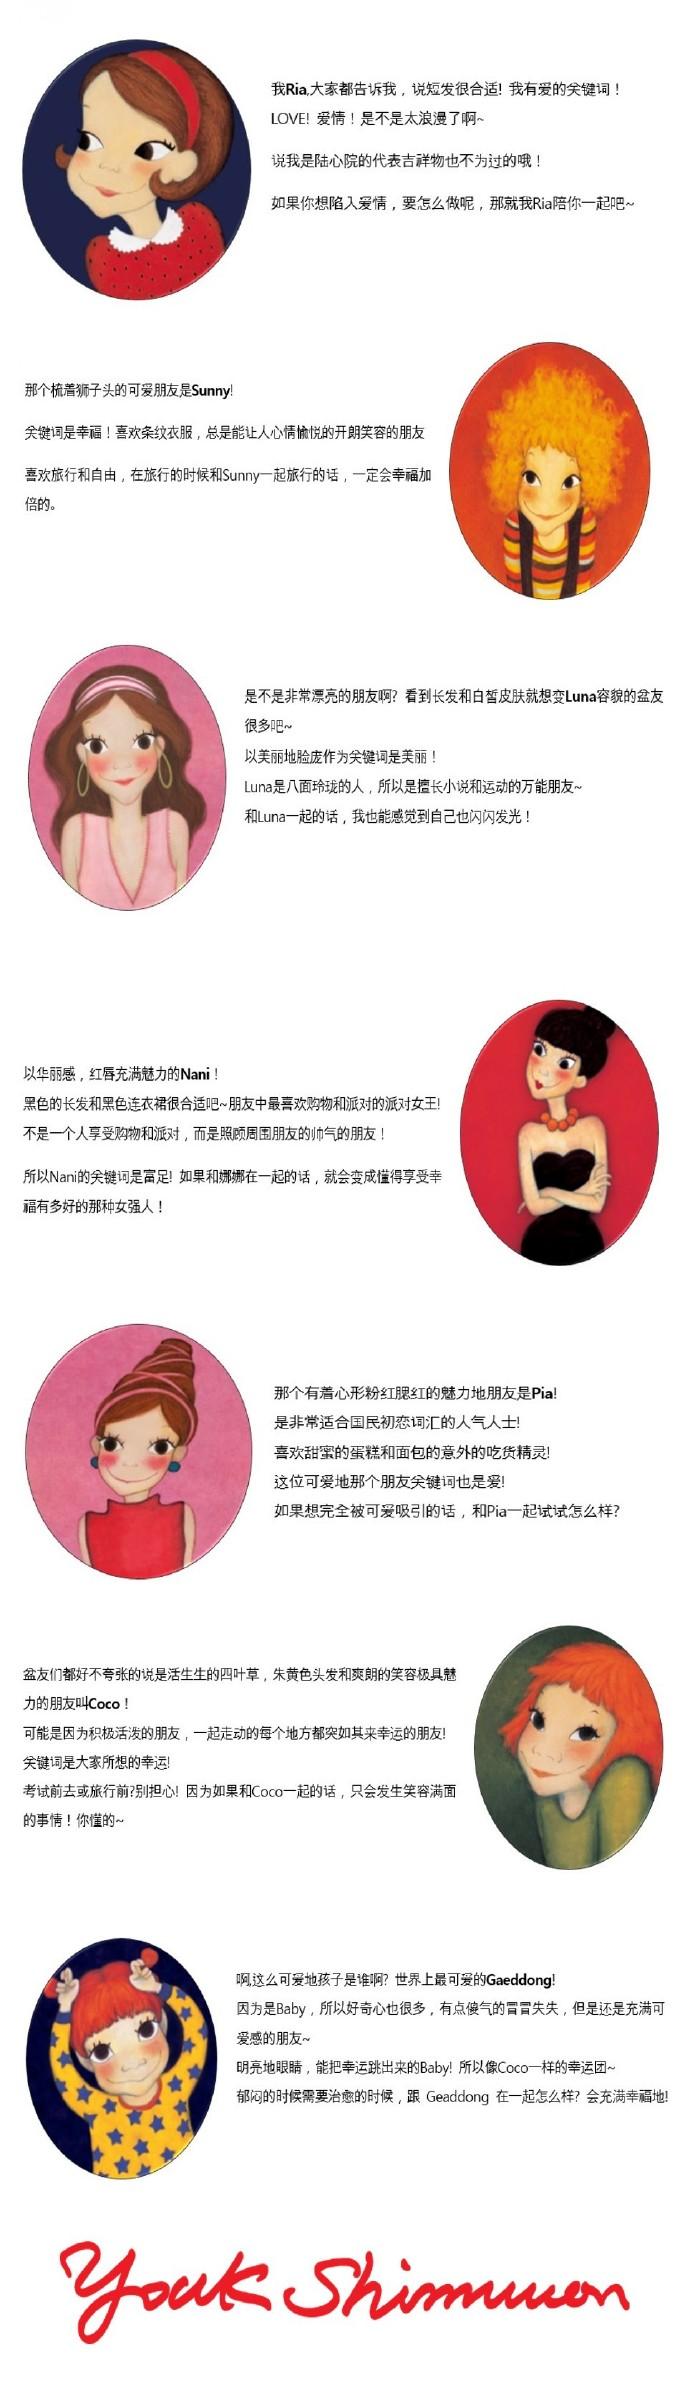 表达幸福感的艺人品牌'陆心媛'~ 9649b719gy1fvo5to8t2dj20qs2kw7fr